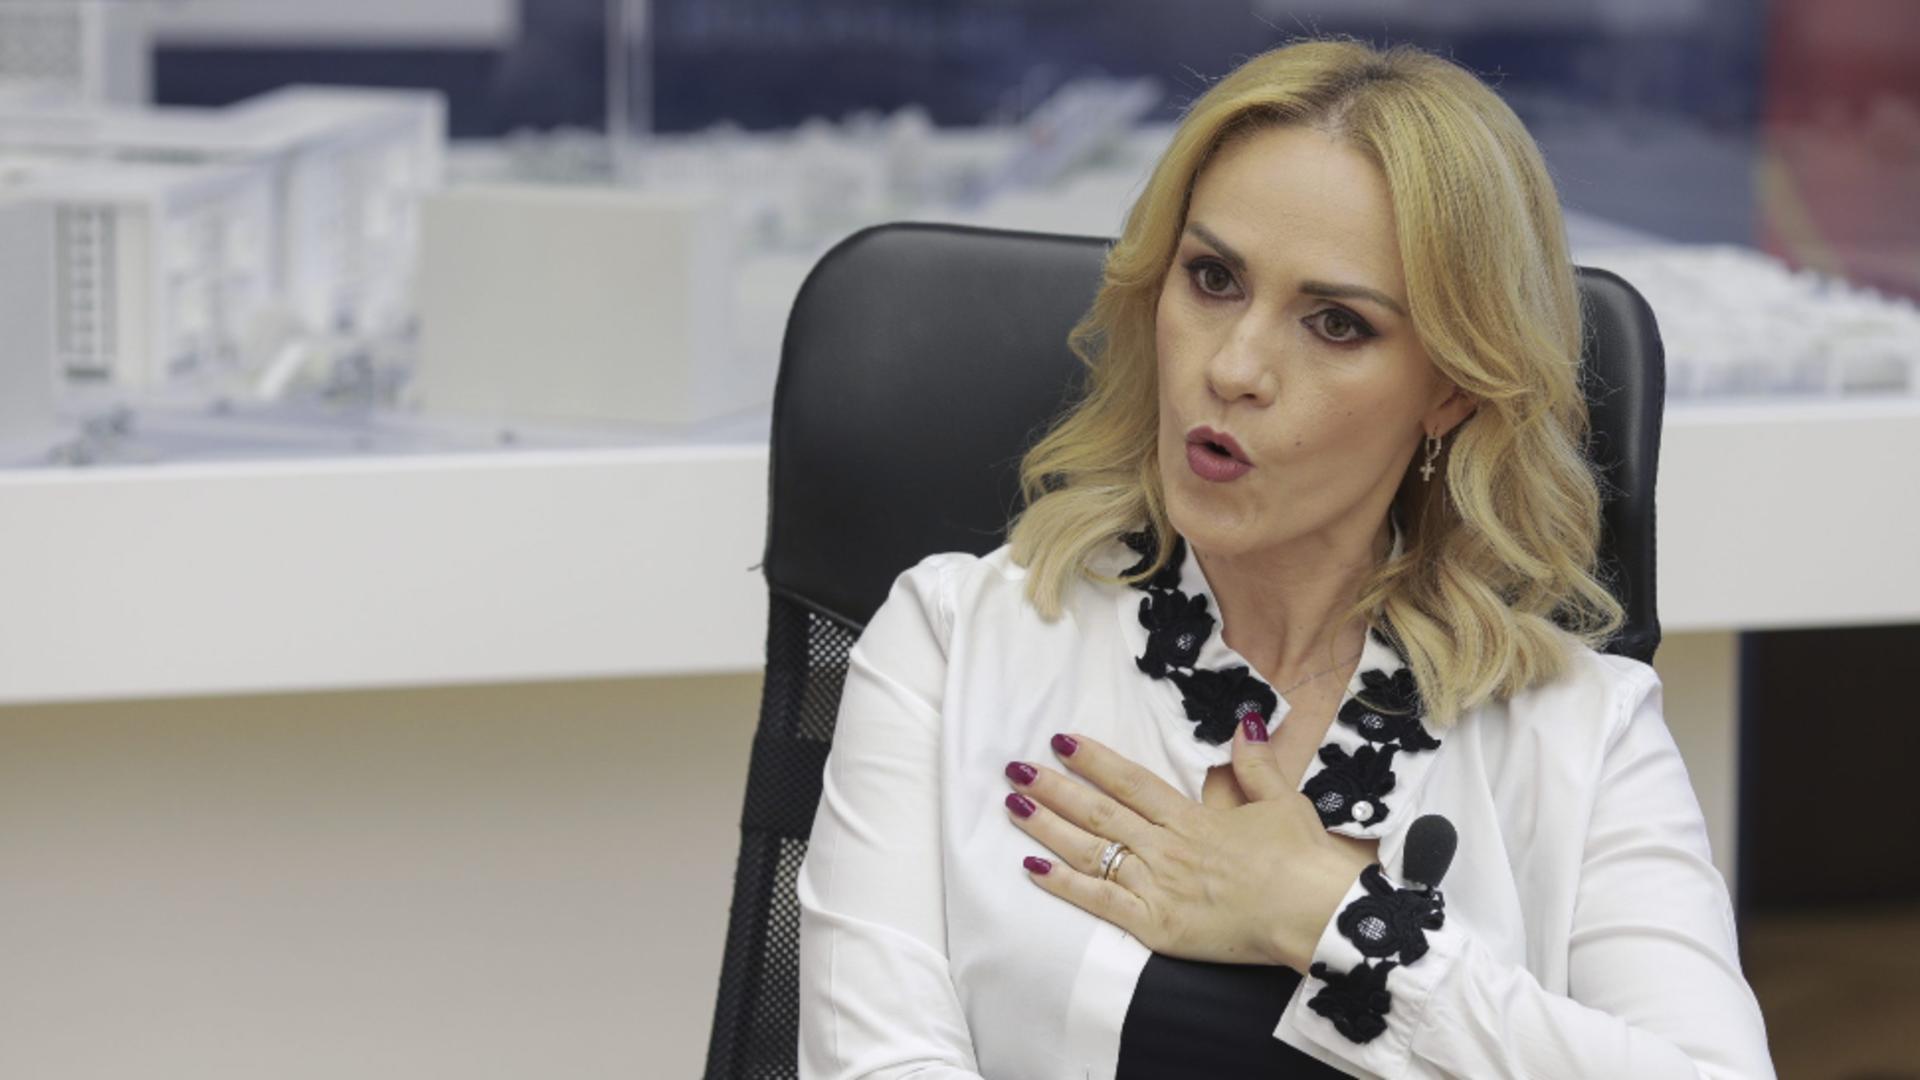 Gabriela Firea, acuzații grave pentru Guvernul Cîțu: Este un genocid social... Foto: INQUAM/Octav Ganea